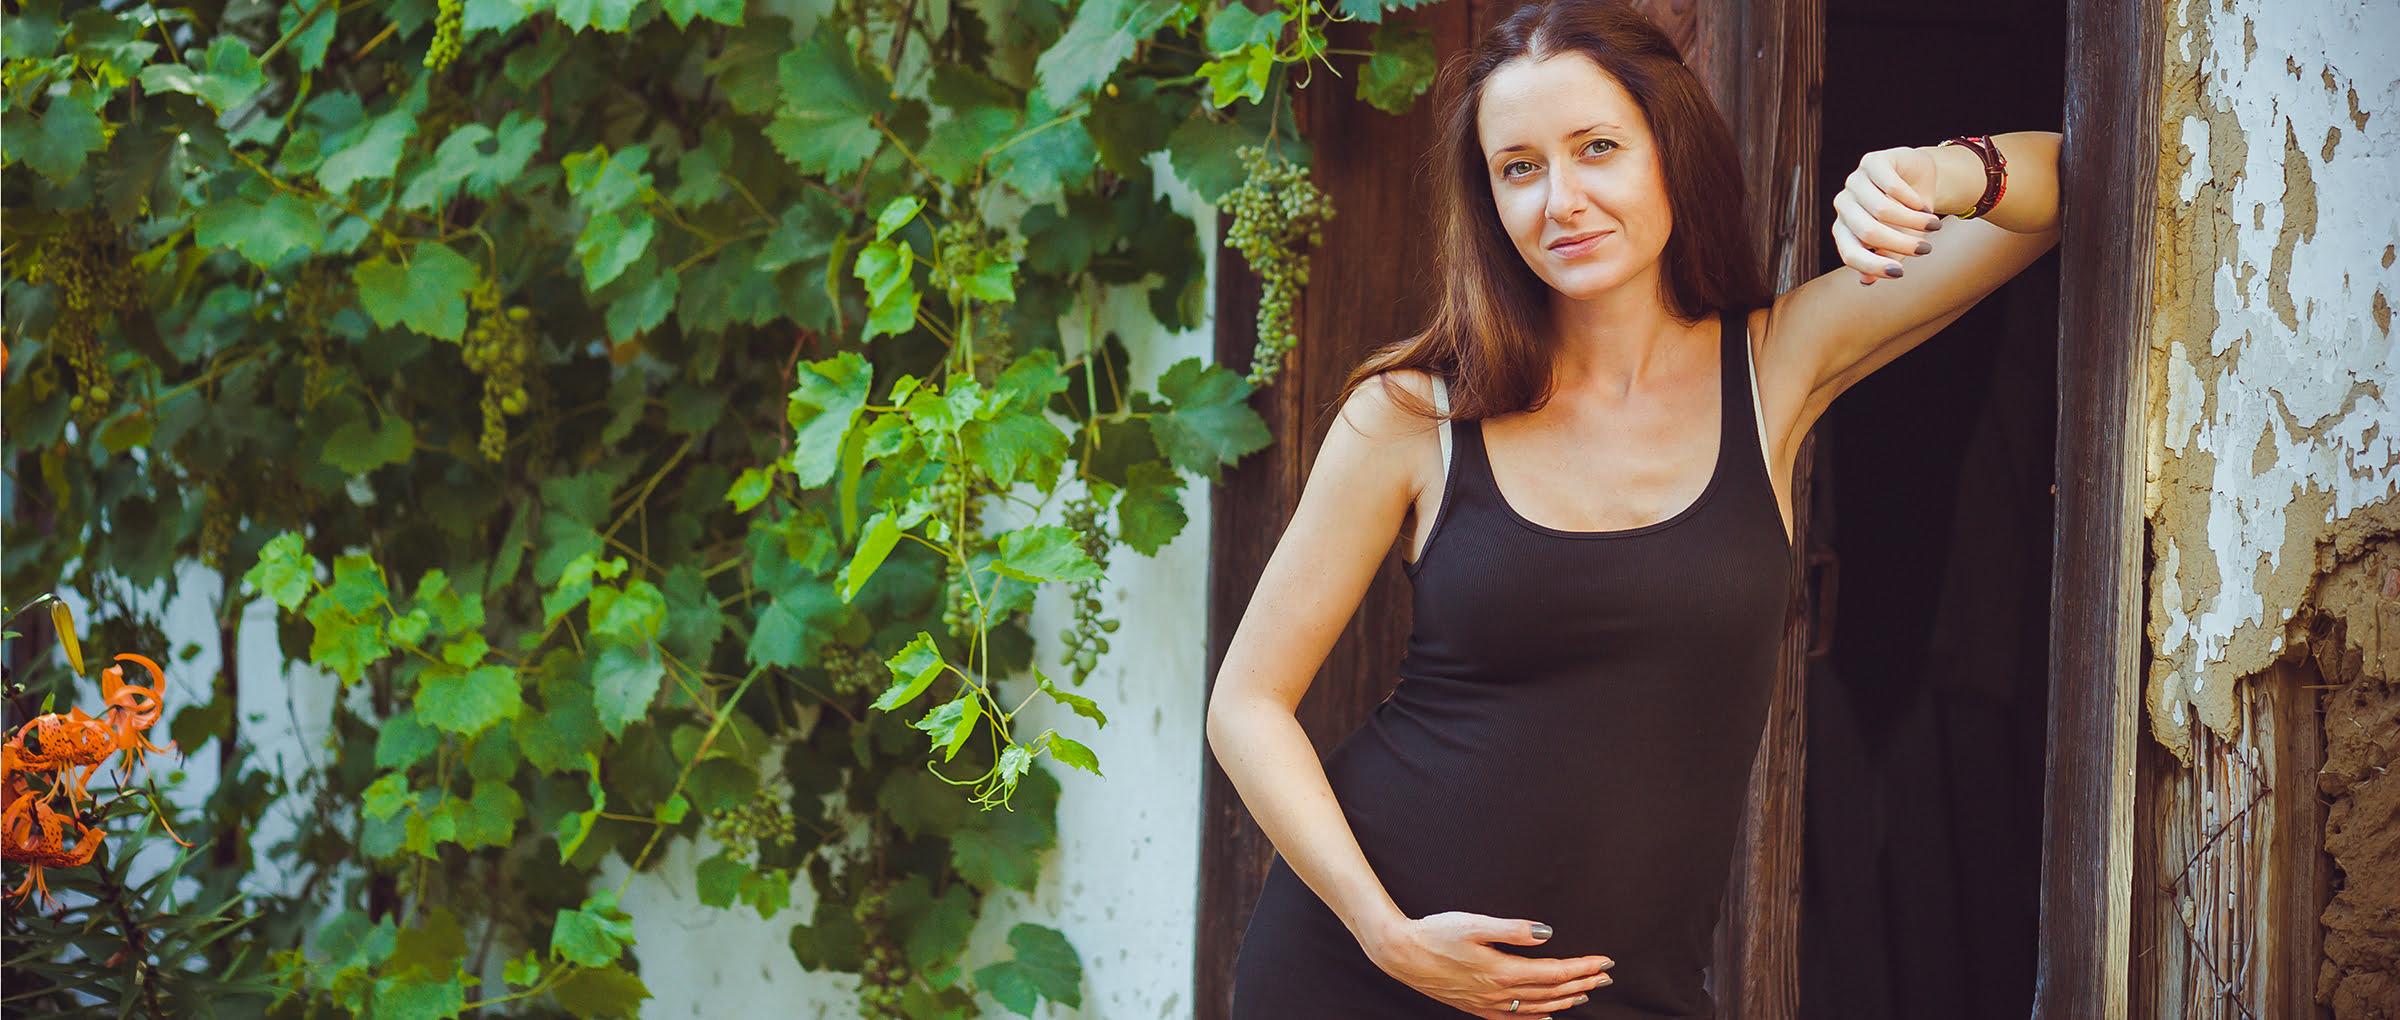 Préparation de la mère porteuse pour affronter la gestation